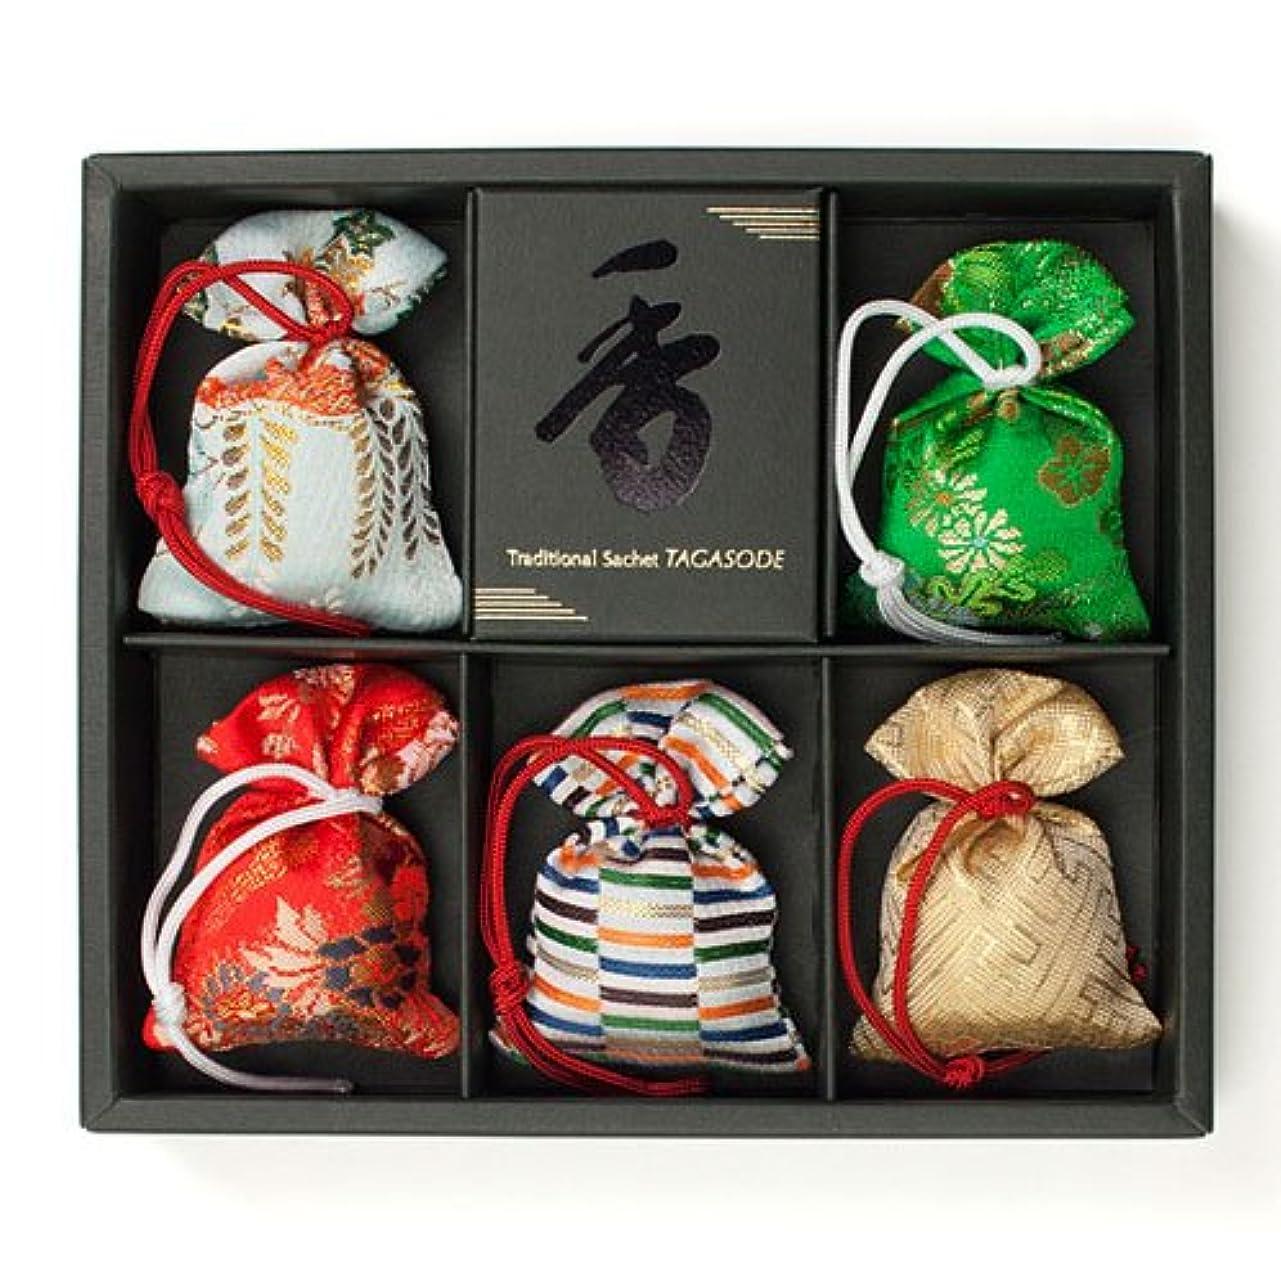 約設定生き物物理的に匂い袋 誰が袖 極品 5個入 松栄堂 Shoyeido 本体長さ60mm (色?柄は選べません)